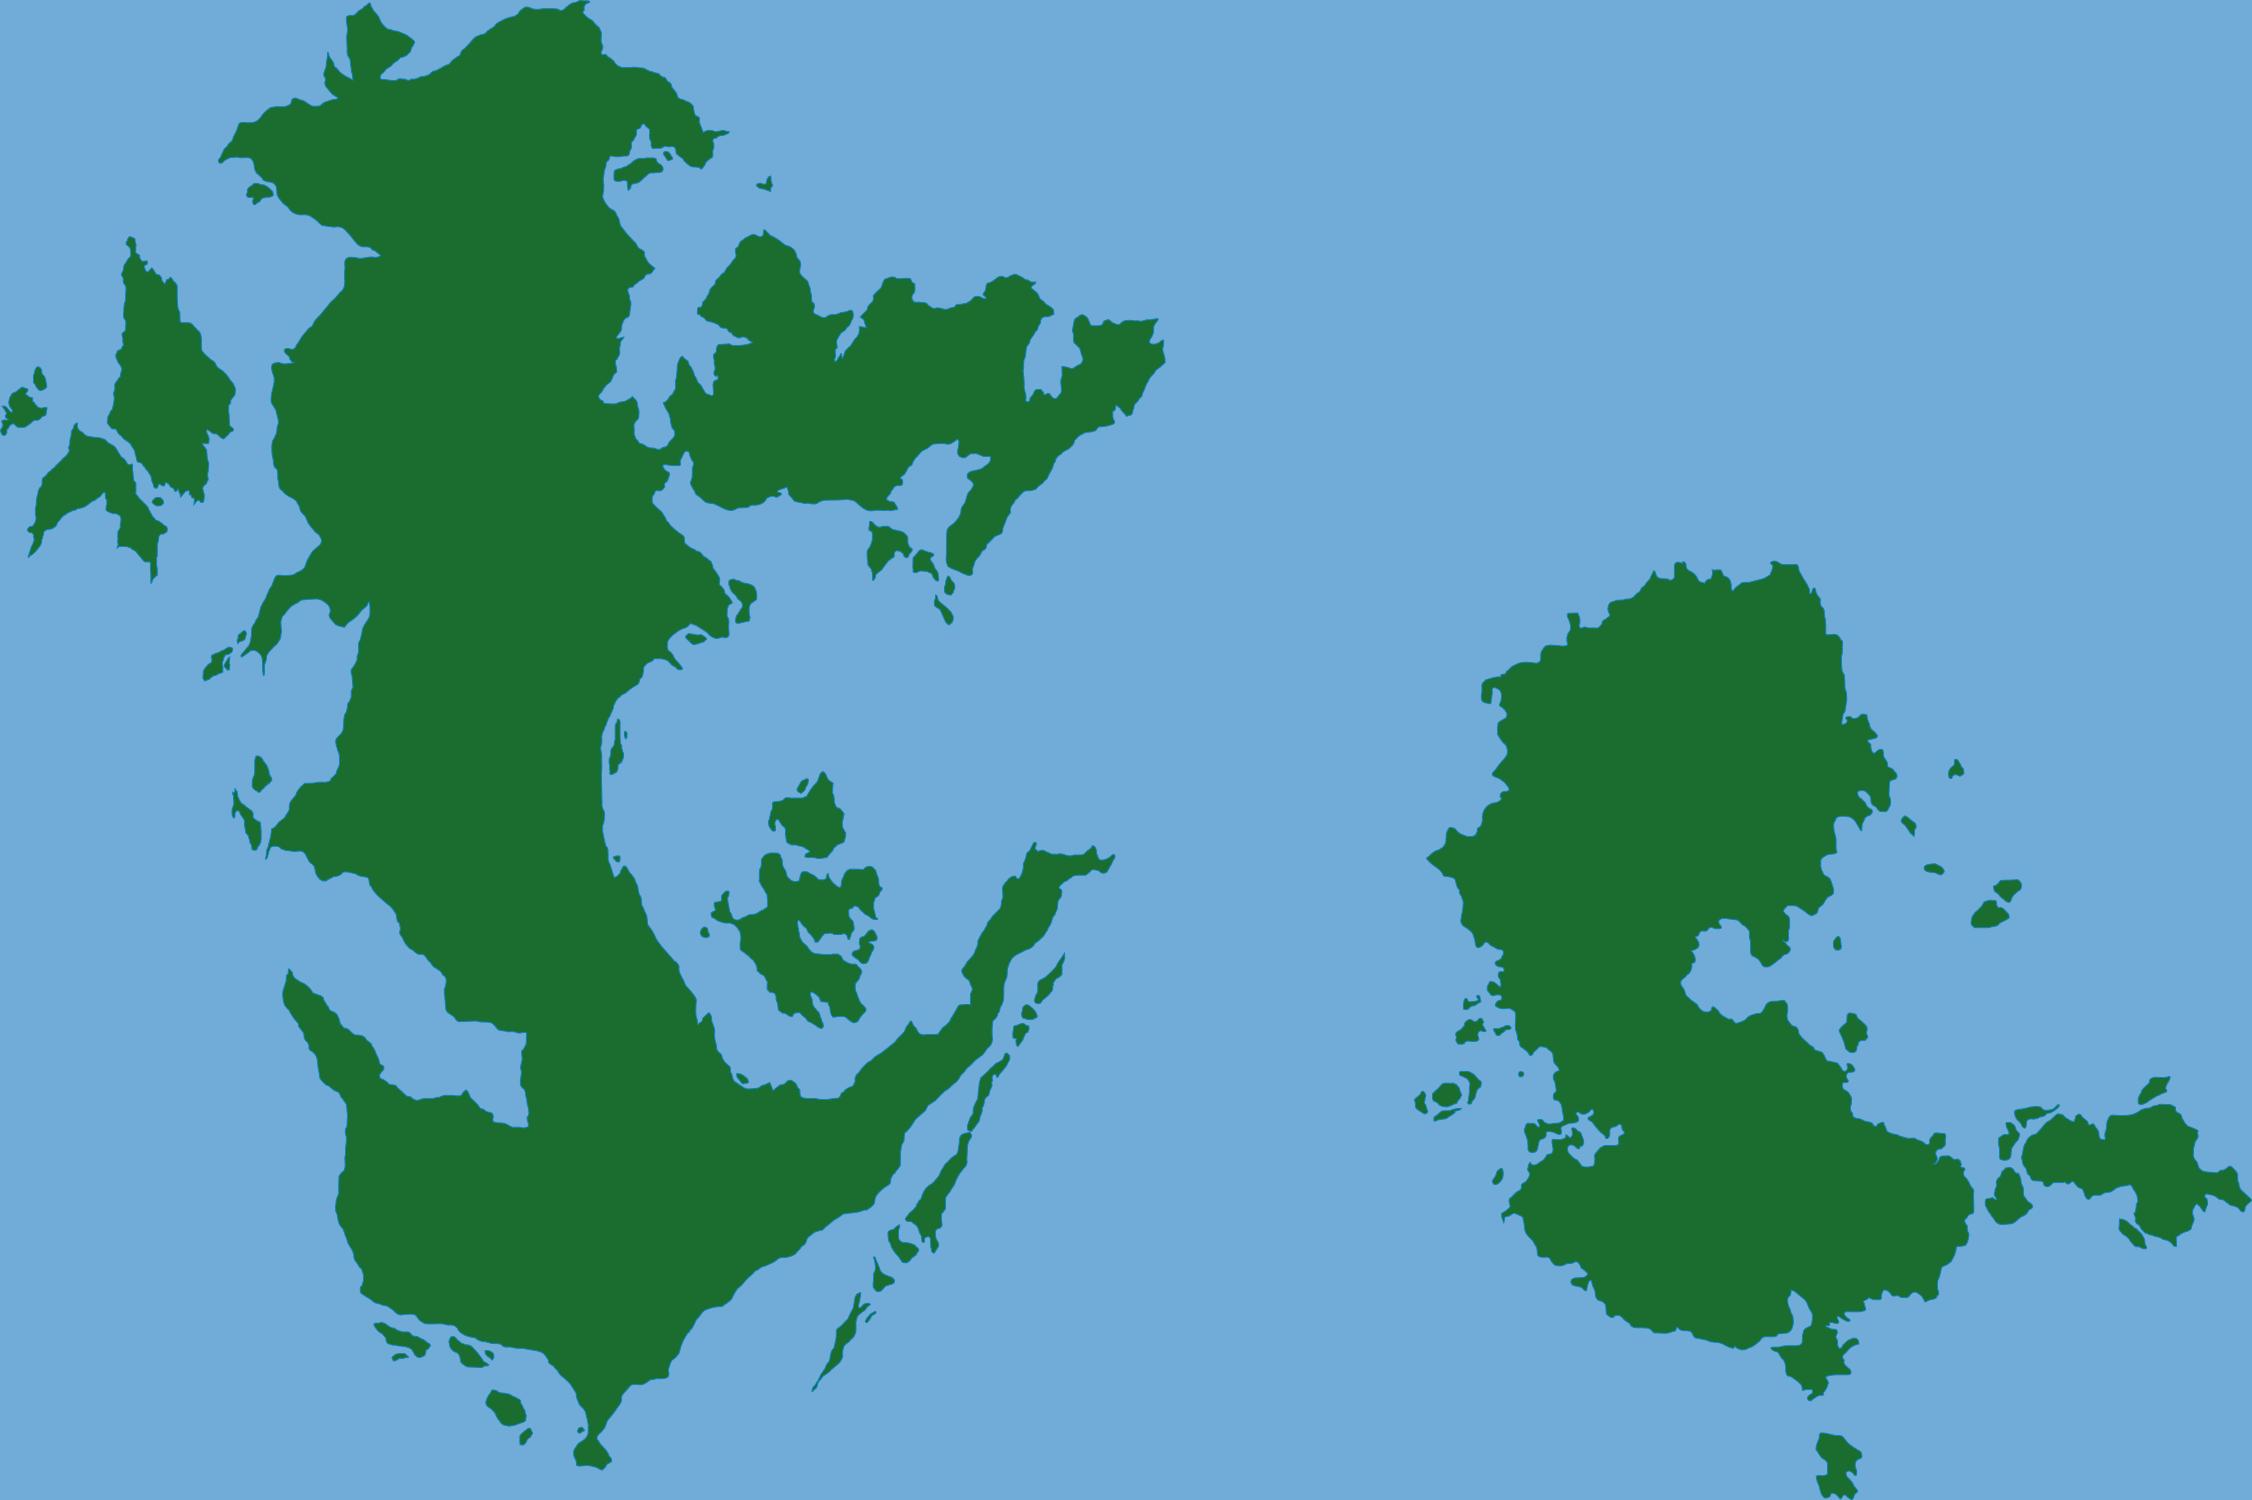 Créer une carte de son pays - Page 5 Carteg11